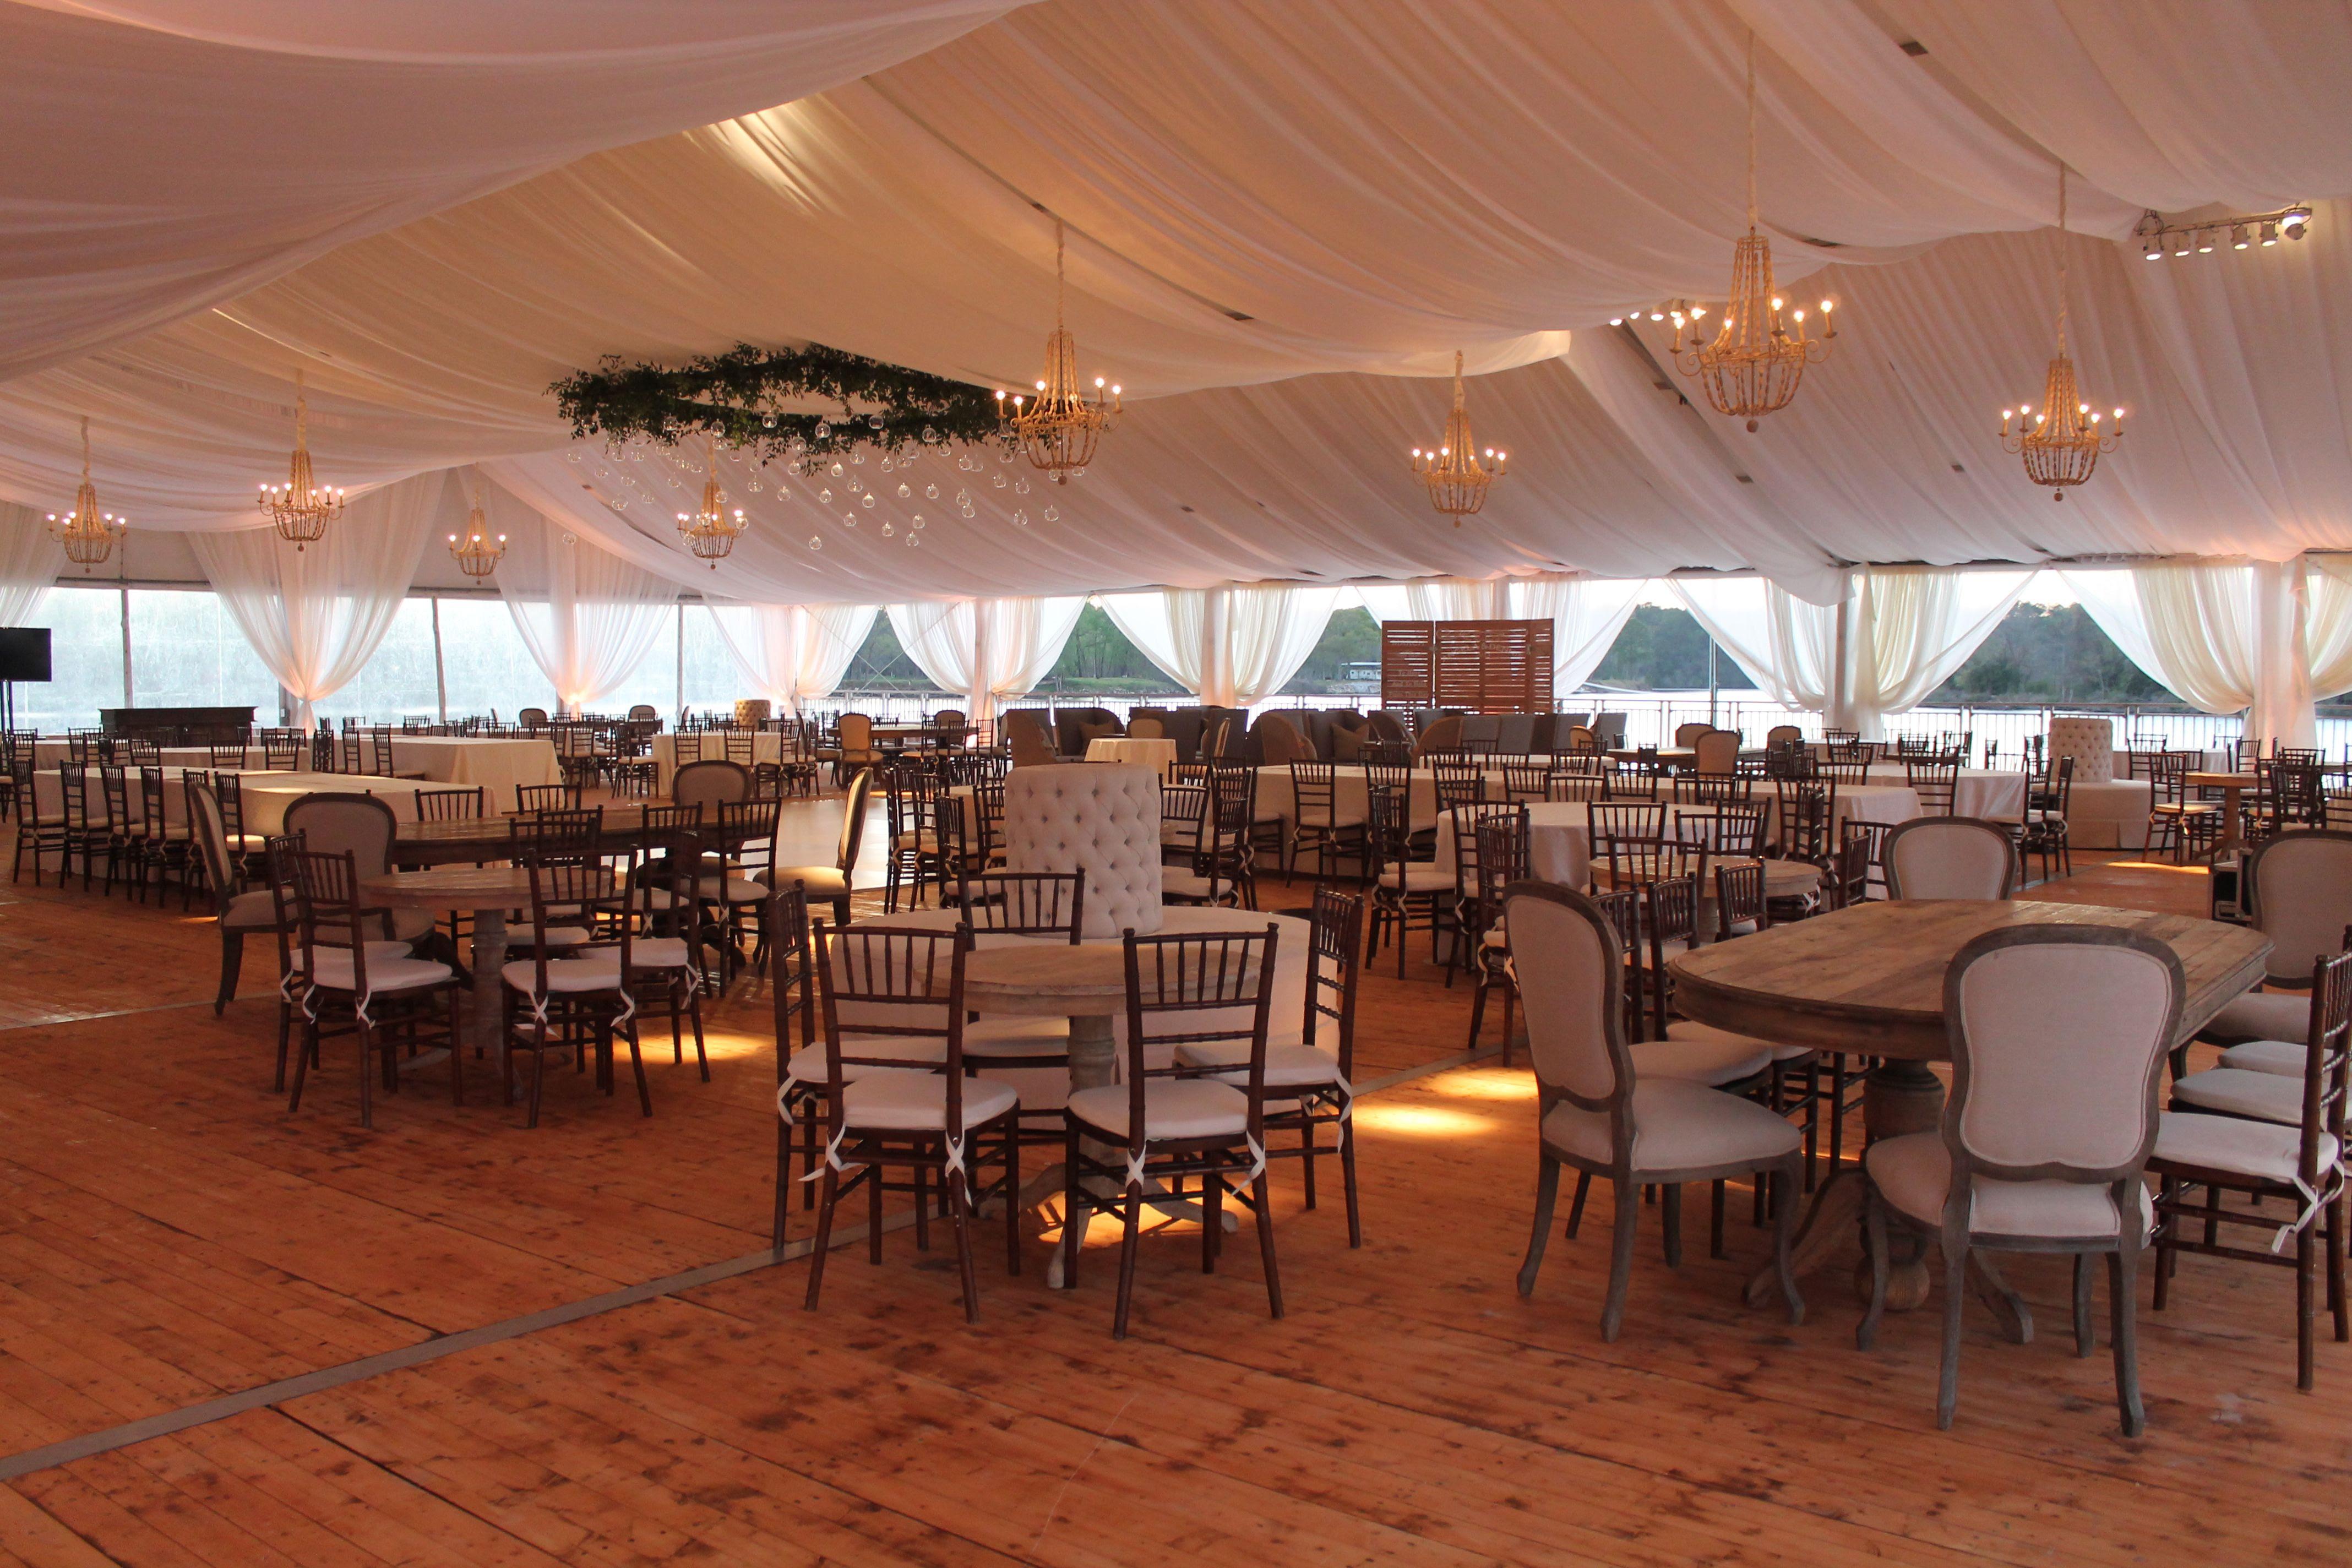 Tran Wedding // AZTEC Events and Tents  Wedding Ideas  Pinterest